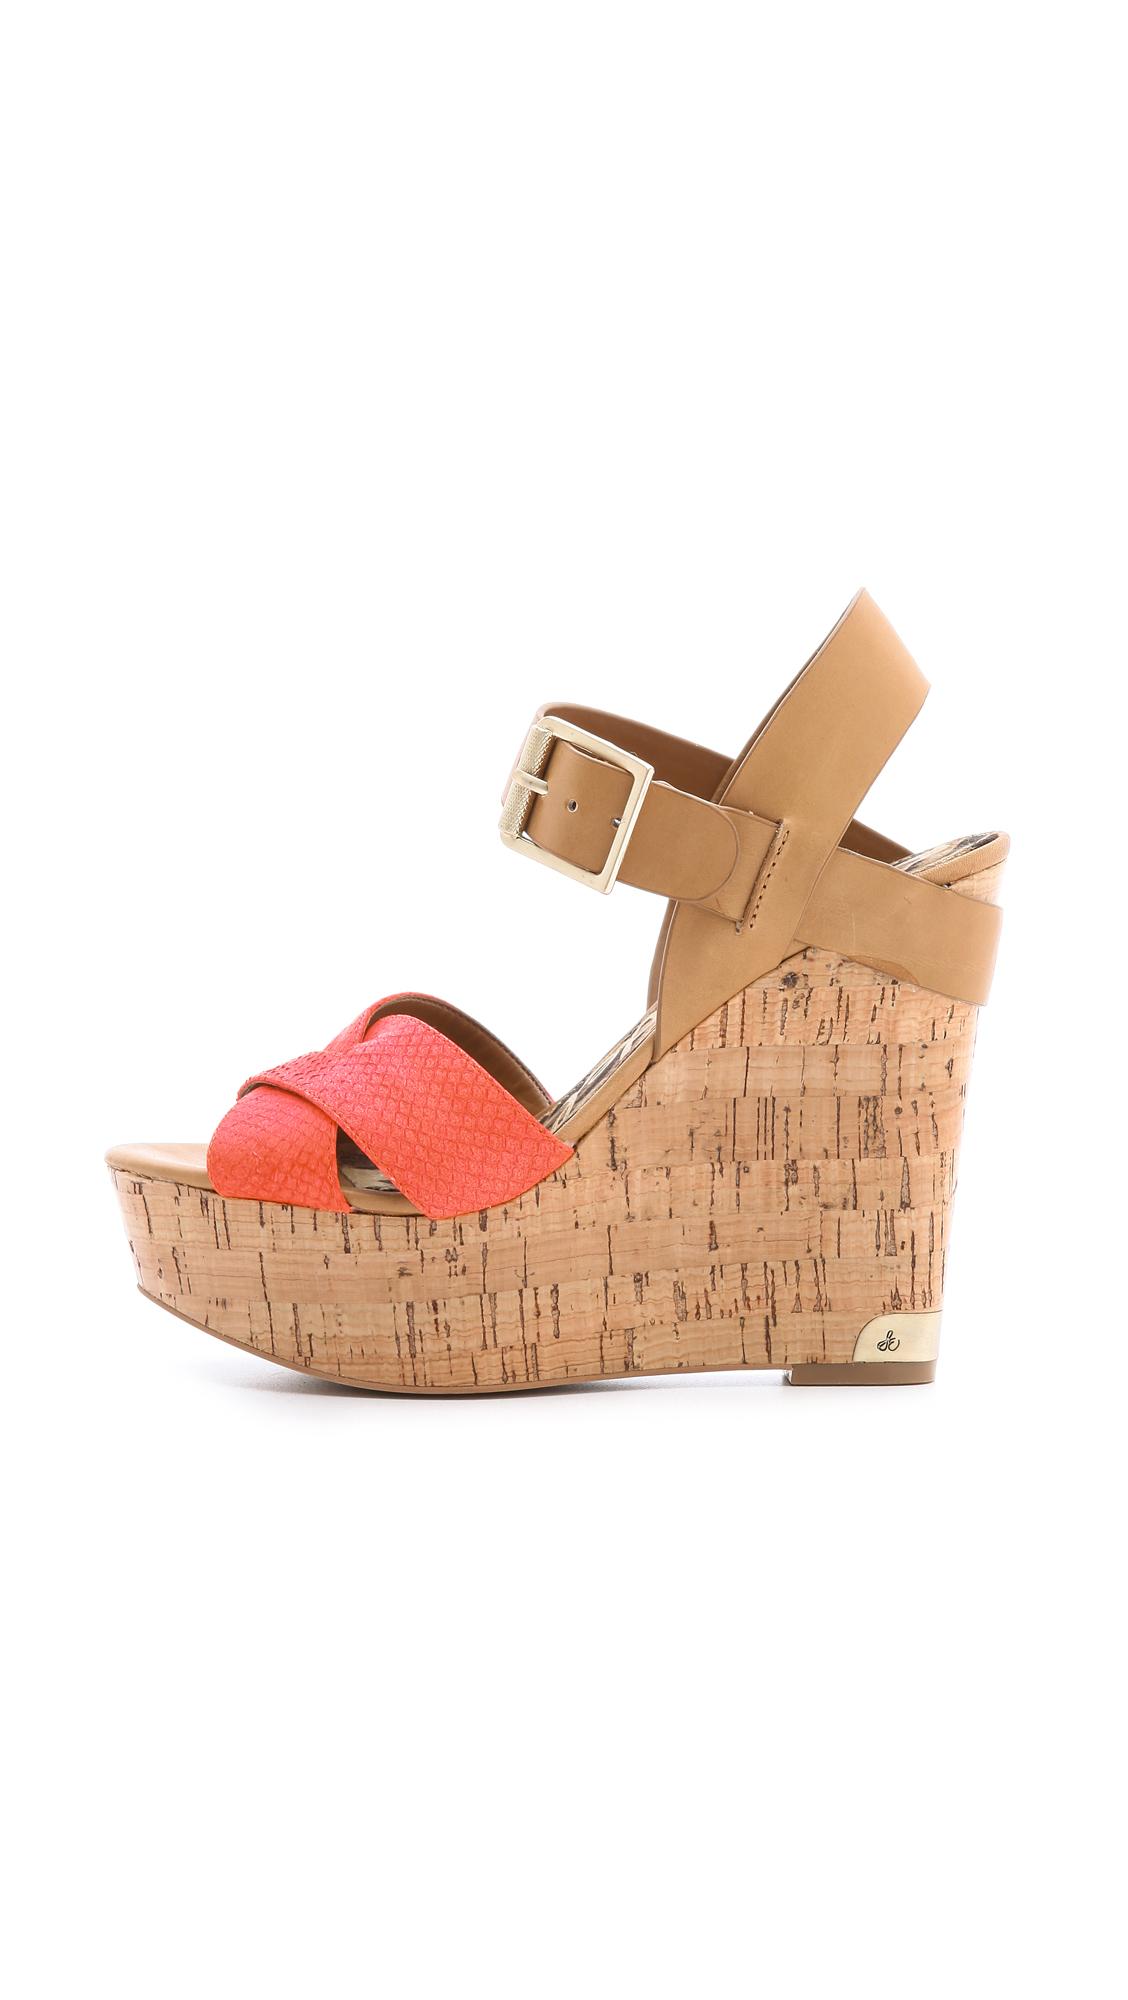 Lyst Sam Edelman Sasha Wedge Sandals In Orange